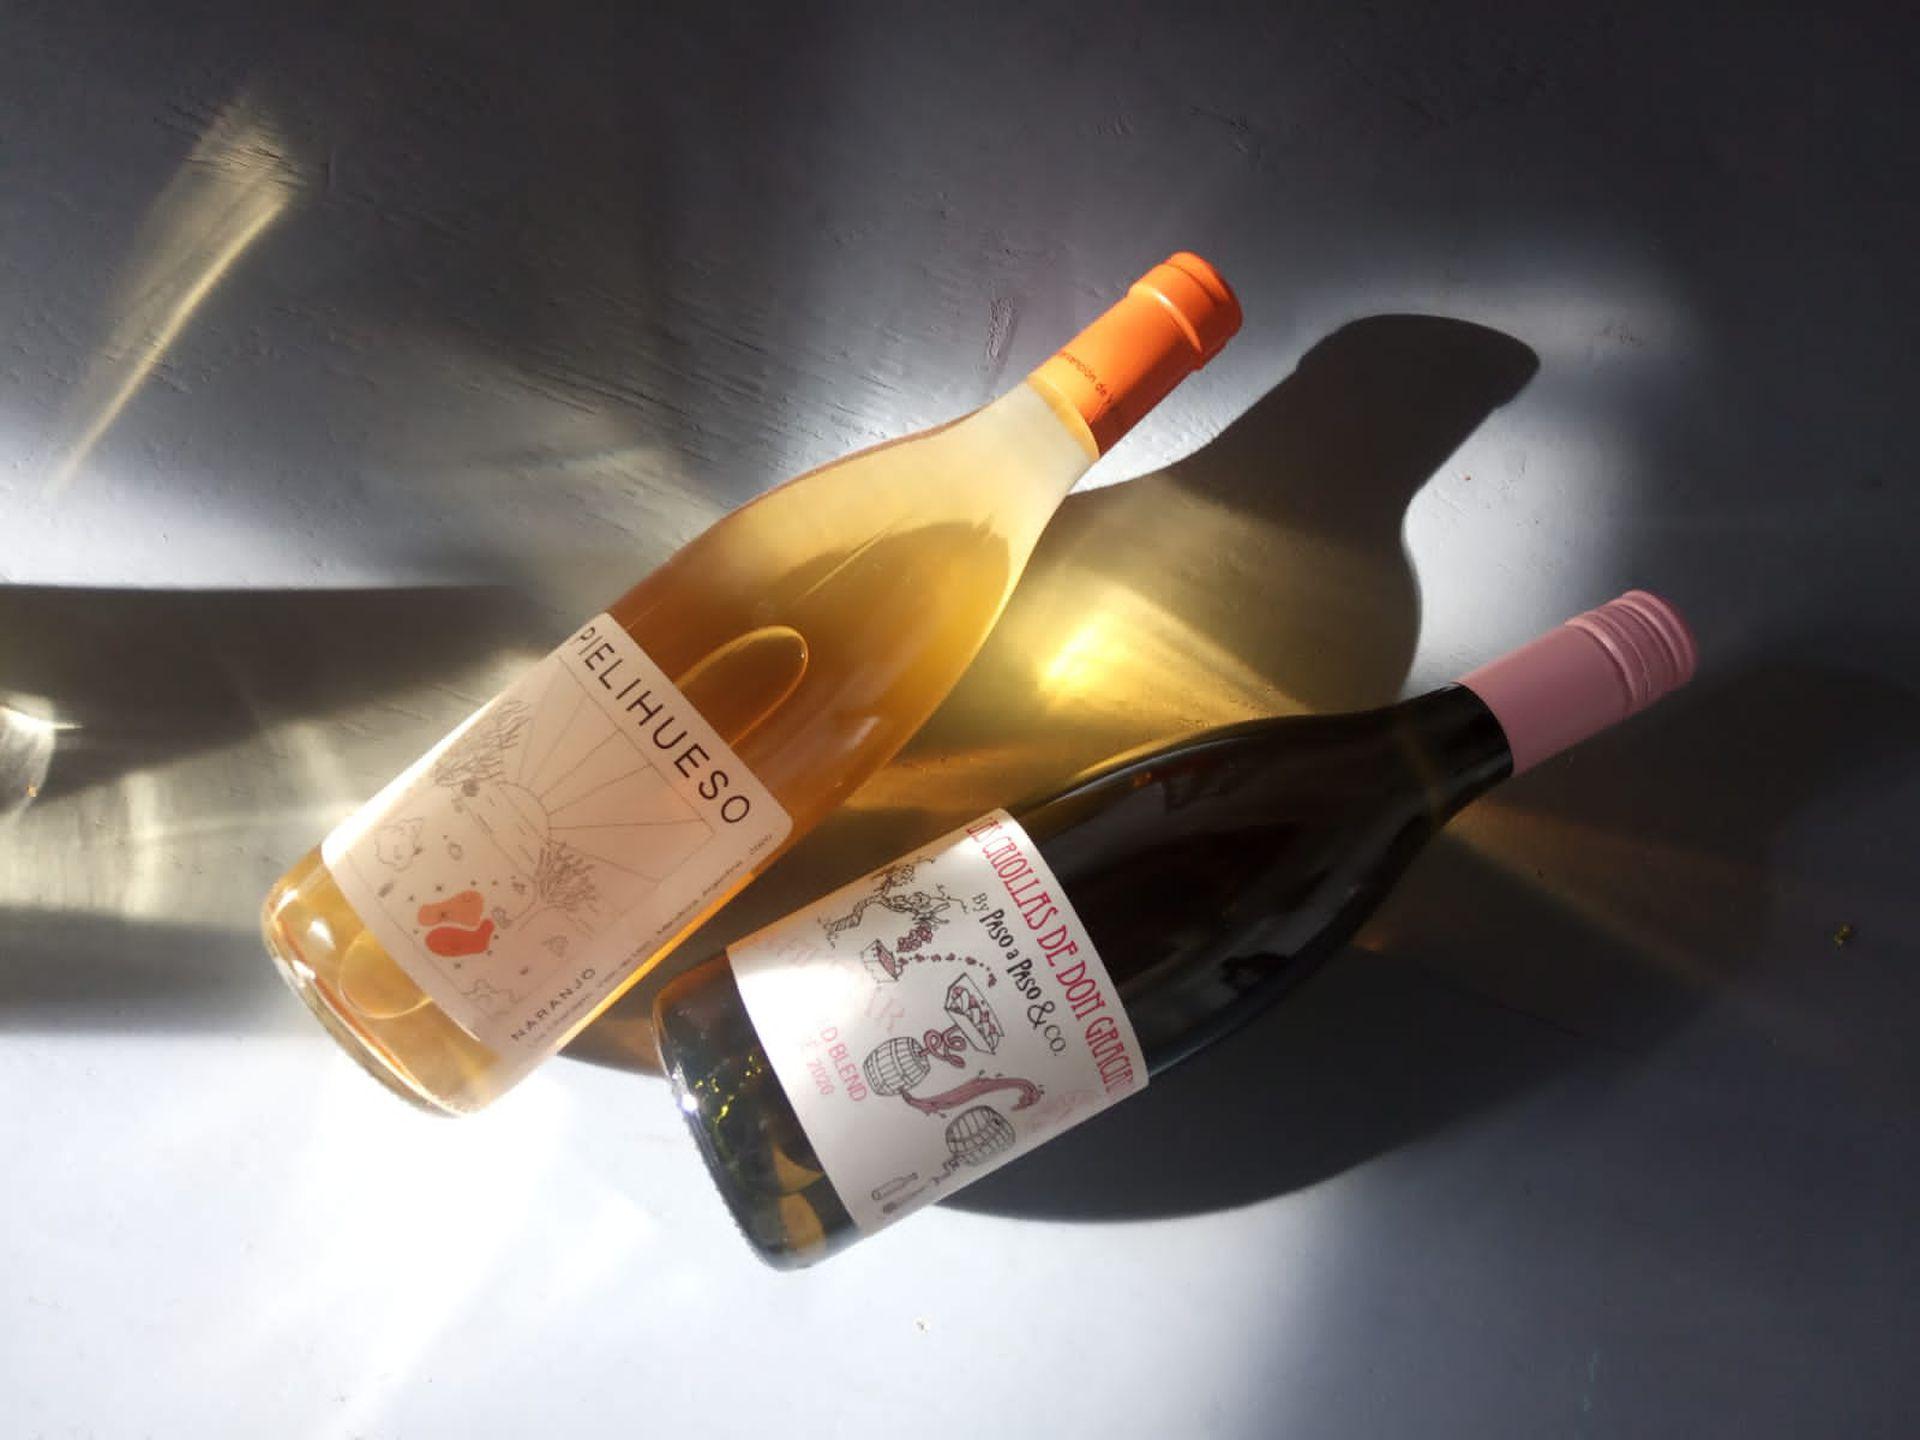 La propuesta de vinos contempla aquellos de baja intervención y naturales, definidos por el territorio y sus creadores.